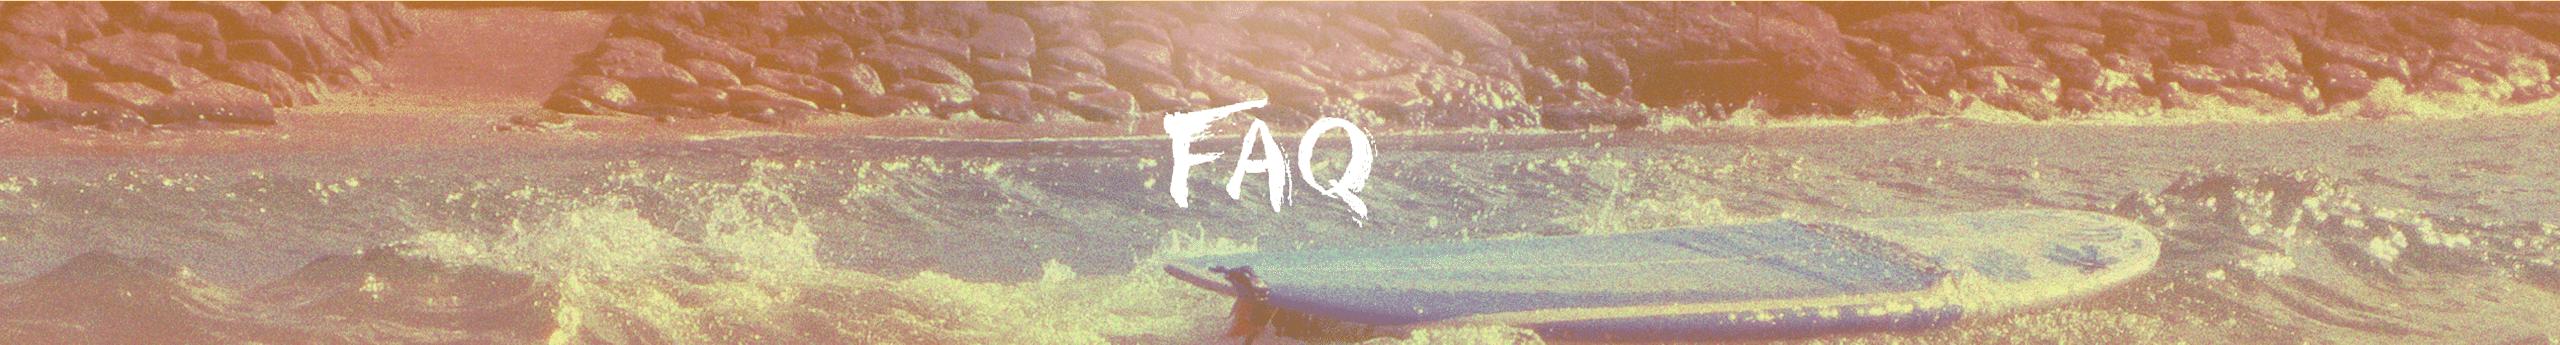 header_faq